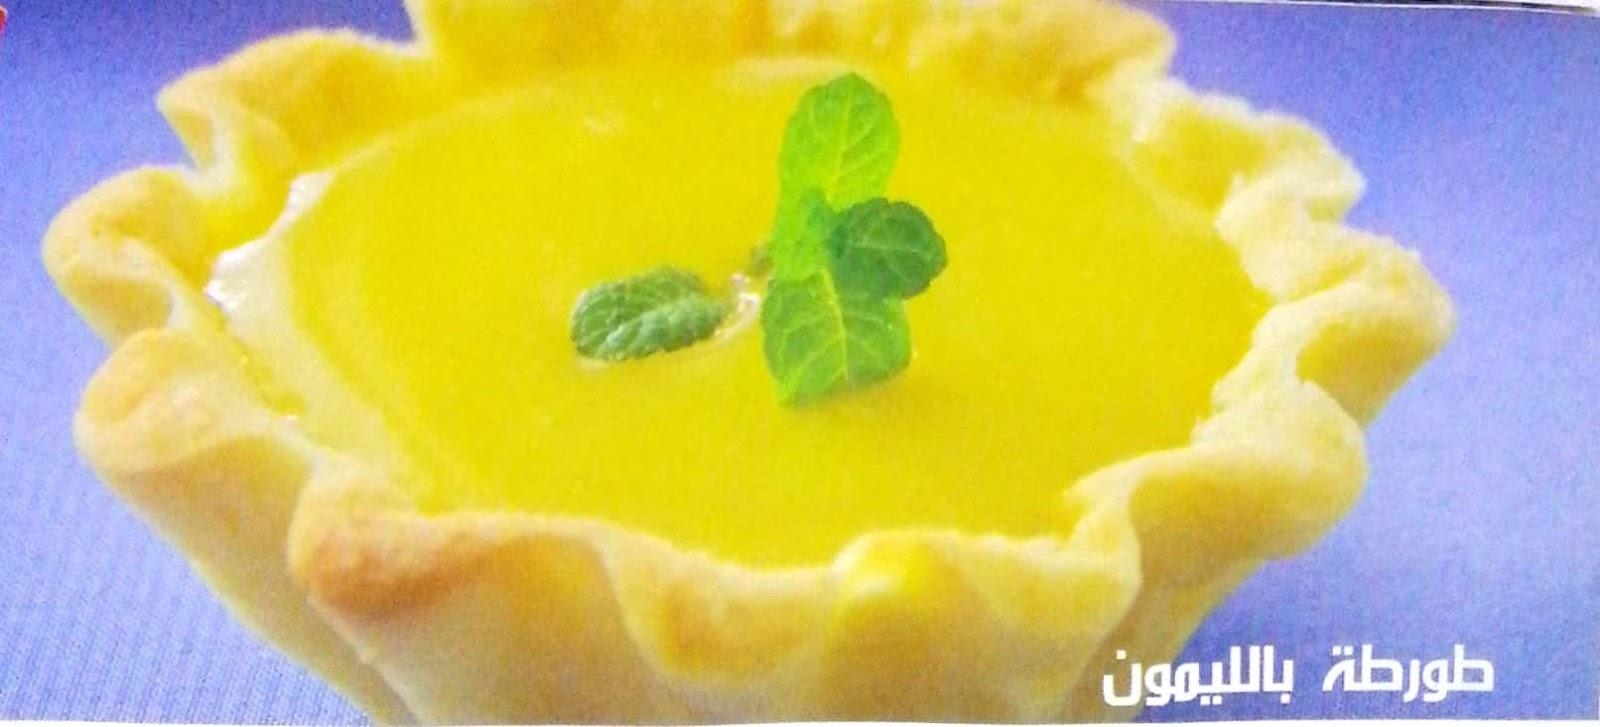 طريقة عمل, كيكة الليمون مع الصوص , كيكة الليمون سهلة , تغطية كيكة الليمون,  كيكة الليمون فتافيت , كيكة الليمون انستقرام , كيكة الليمون عالم حواء,  صوص كيكة الليمون الاصفر , طريقة عمل كيكة الليمون بدون زبدة,كيكة الليمون,كيكة,طريقة عمل كيكة الليمون,كيك الليمون,كيك,كيكة الليمون الهشة,كيكة الليمون اللذيذة,كيكة الليمون الاسفنجية,الليمون,طريقة عمل كيكة,كيكة البرتقال,طريقة,كيكة الليمون بالصور,رمضان,طبخ,طريقة عمل كيك بالليمون,طريقة عمل كيك الليمون,طريقة عمل كيكة الليمون ,طريقة عمل كيكة الليمون بالصوص ,طريقة عمل كيكة الليمون الاسفنجية, طريقة عمل كيكة الليمون اللذيذة, طريقة عمل كيكة الليمون بالزبادي ,طريقة عمل كيكة الليمون منال العالم ,طريقة عمل كيكة الليمون بدون زبدة ,طريقة عمل كيكة الليمون بيتي كروكر, طريقة عمل كيكة الليمون ديما حجاوي, طريقة عمل كيكة الليمون عالم حواء ,طريقة عمل كيكة الليمون والنعناع